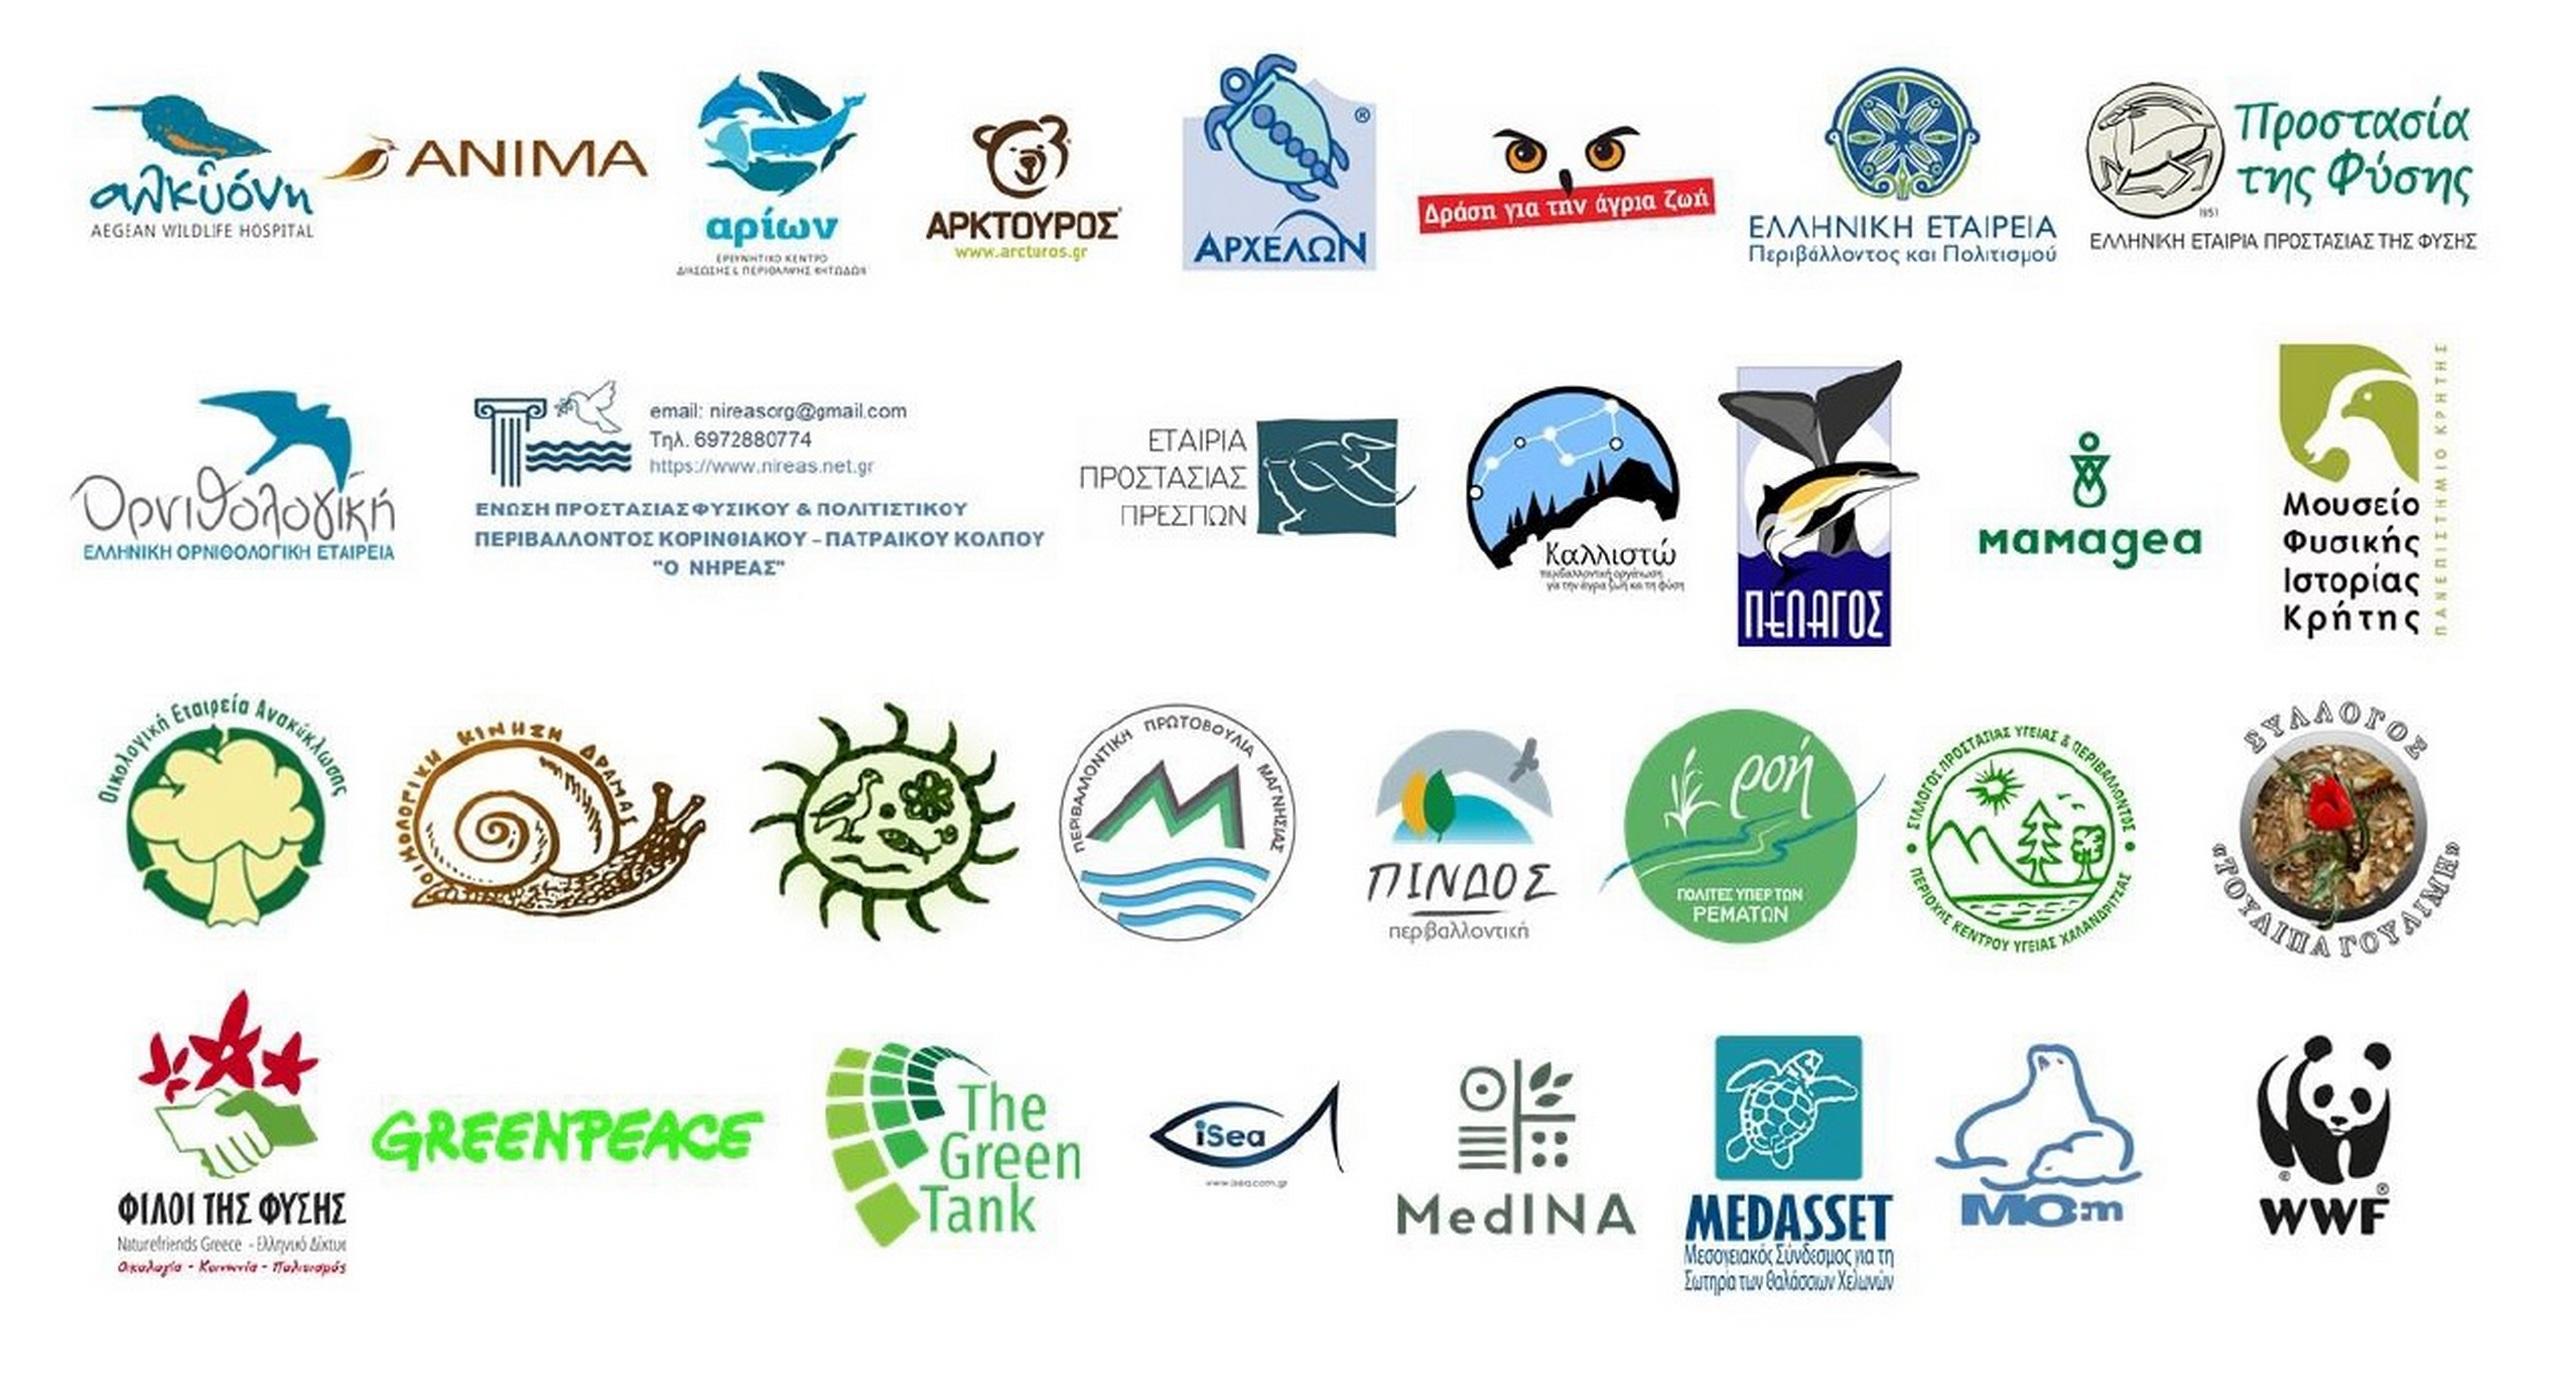 Ενώνουμε τις φωνές μας για την προστασία του φυσικού περιβάλλοντος!